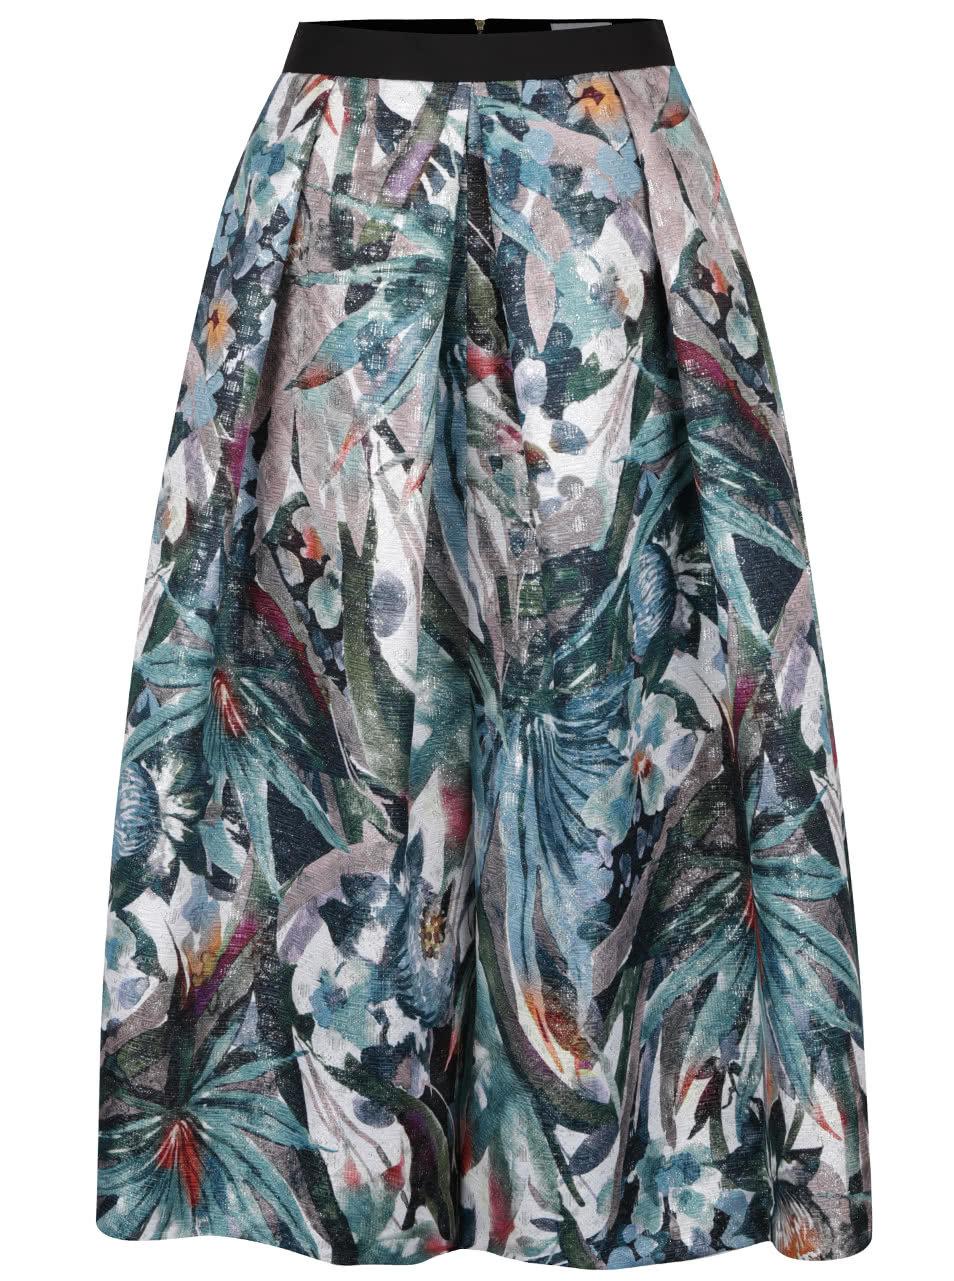 e6df112cb254 Zelená vzorovaná midi sukňa s metalickými odleskmi Closet ...